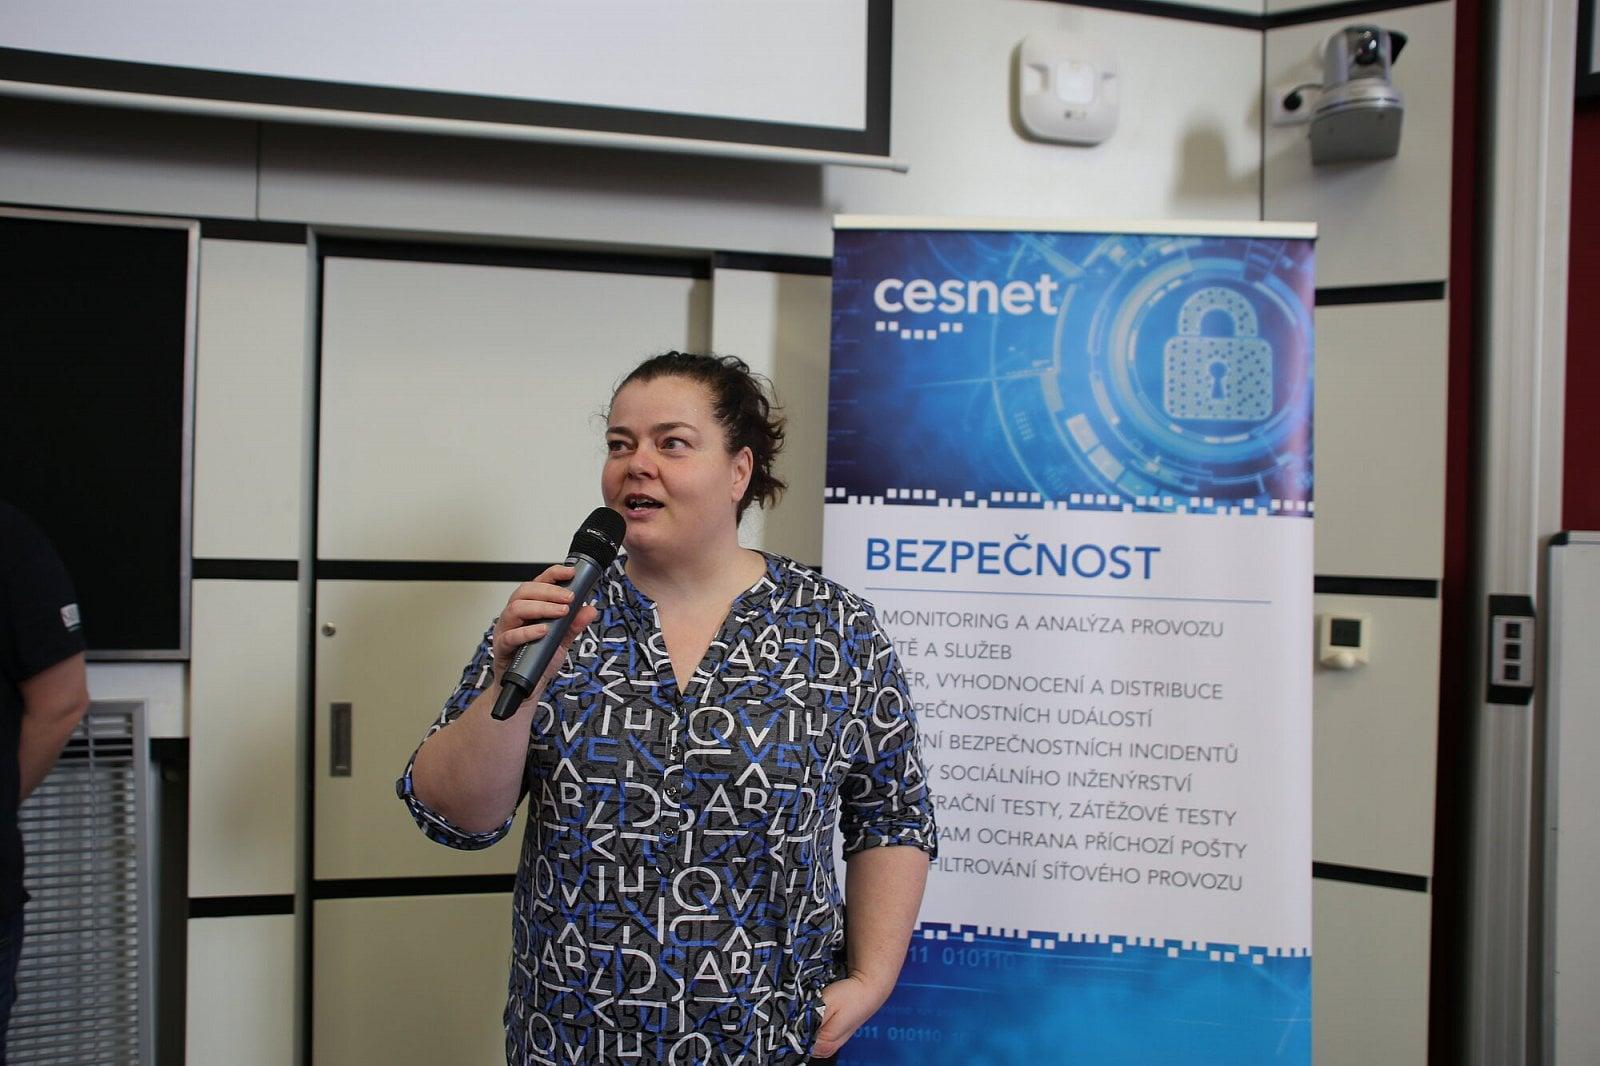 Seminář o bezpečností sítí a služeb 2020